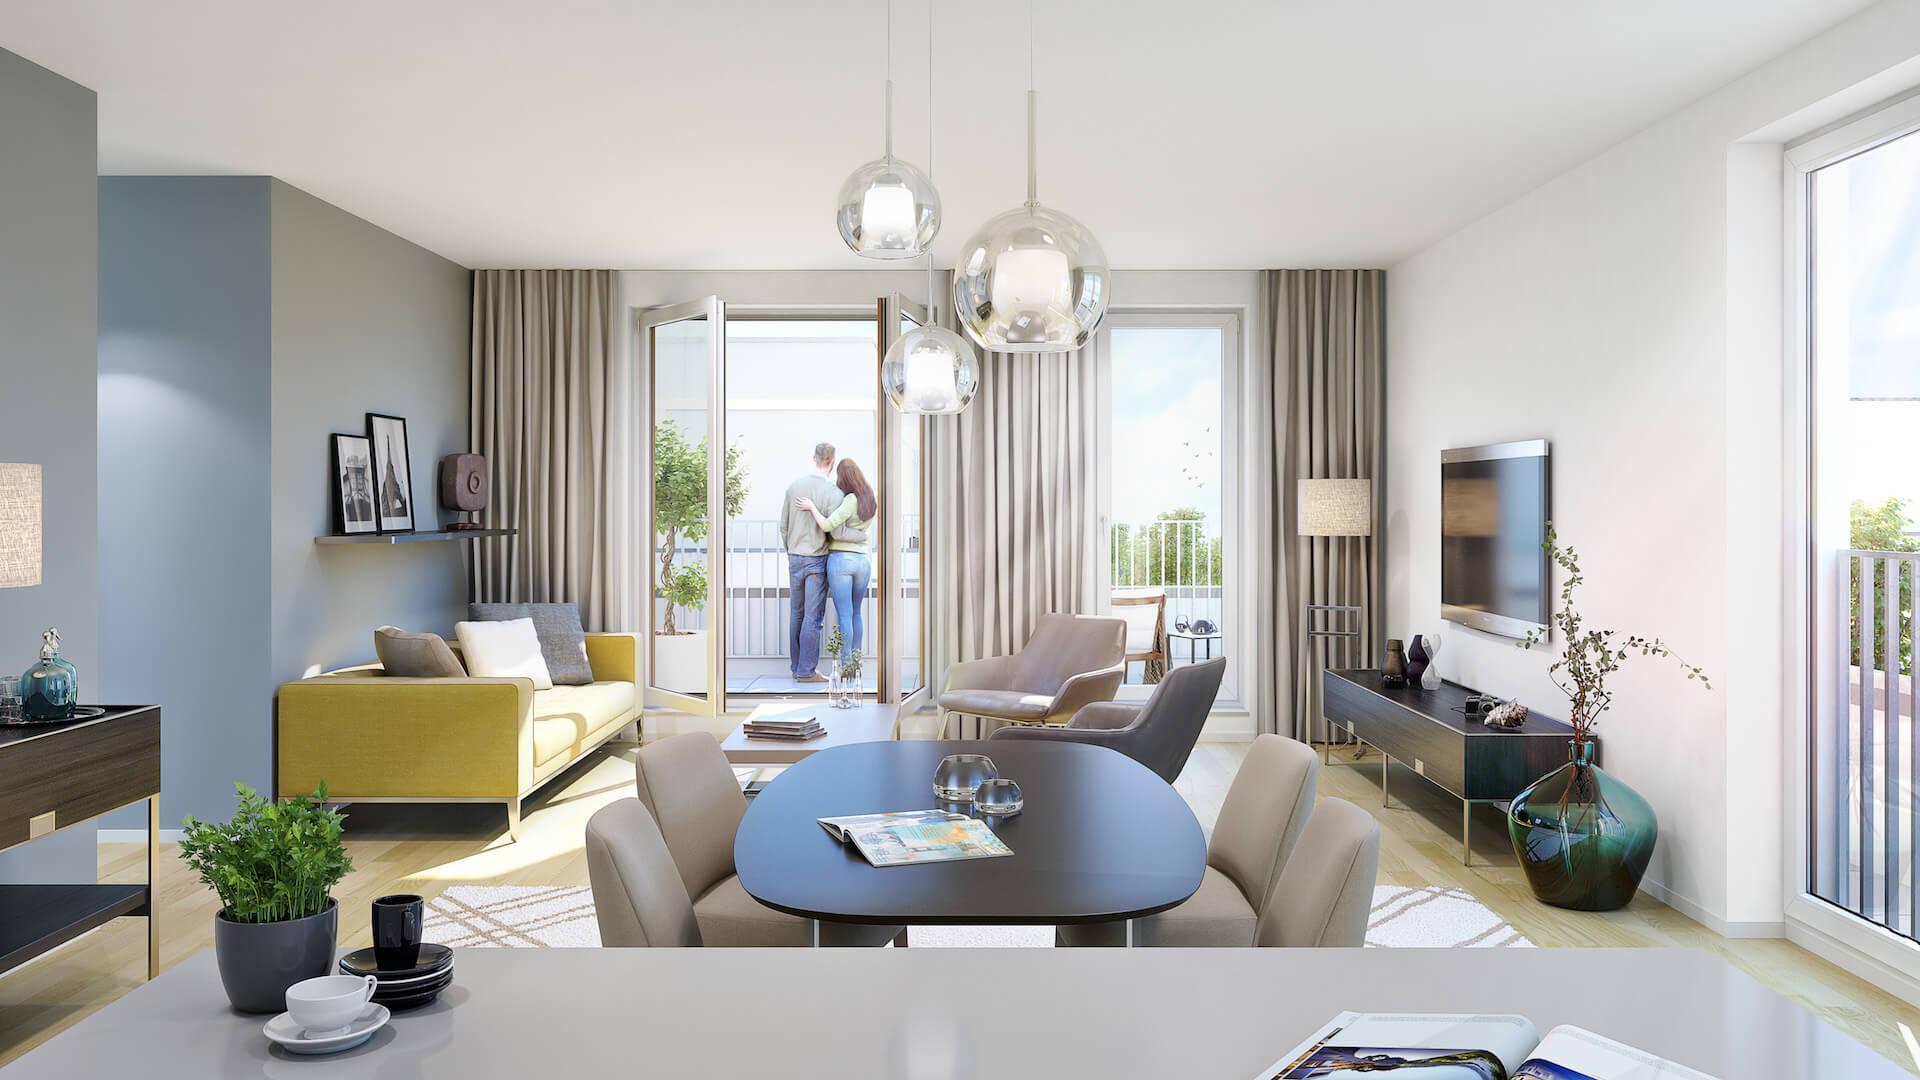 ohs 4 duda architekten. Black Bedroom Furniture Sets. Home Design Ideas